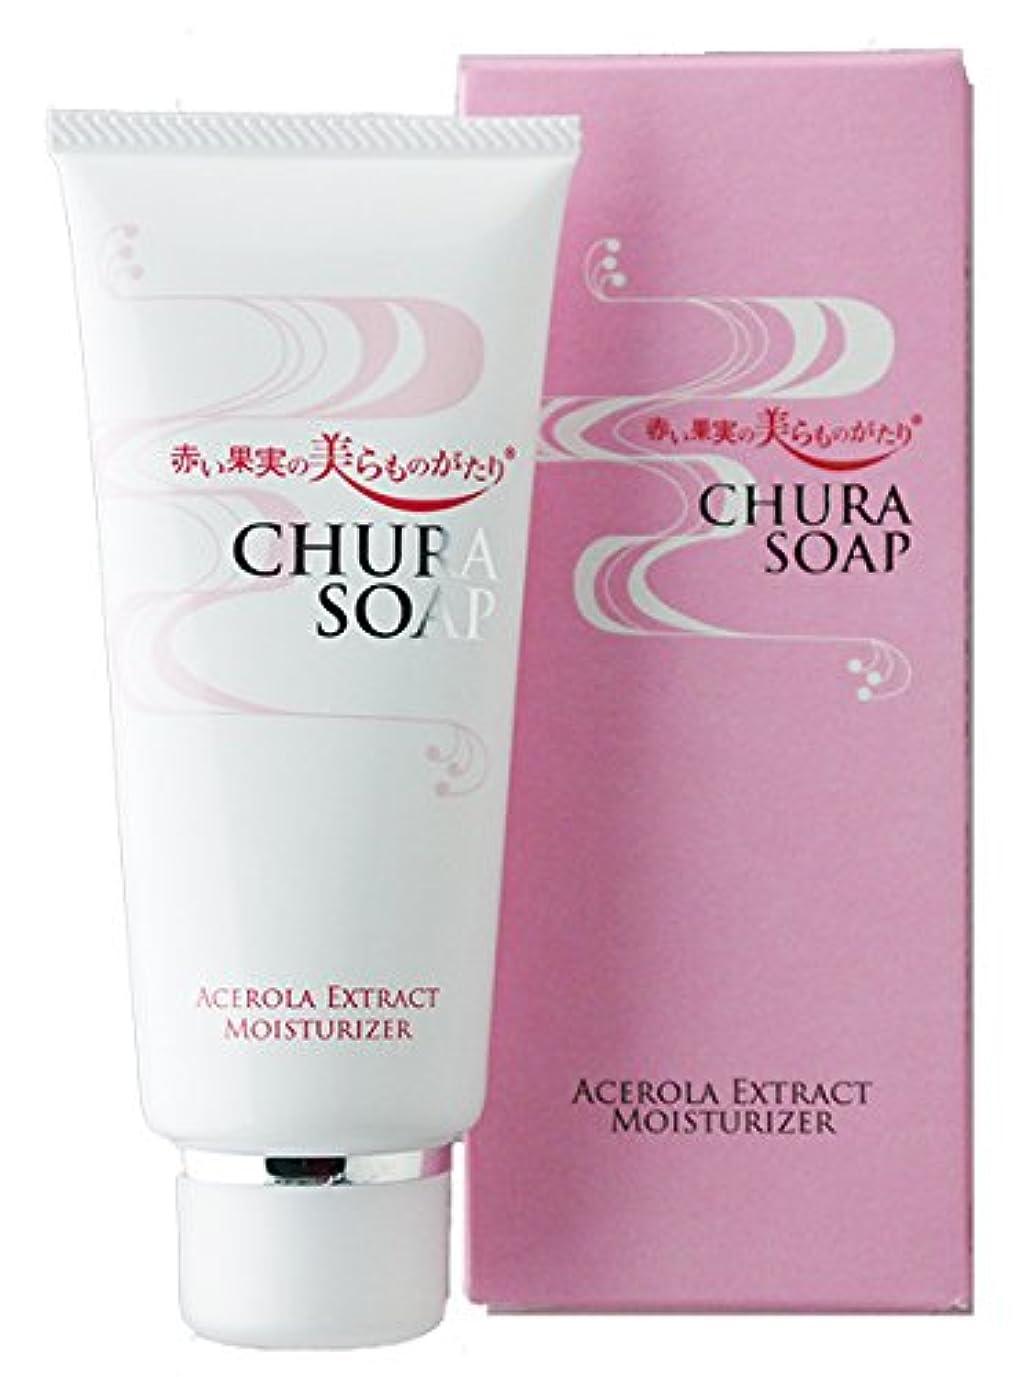 入場時代遅れ方法赤い果実の美らものがたり CHURA SOAP 100g×3個 やんばる彩葉 沖縄生まれのアセロラ自然派化粧品